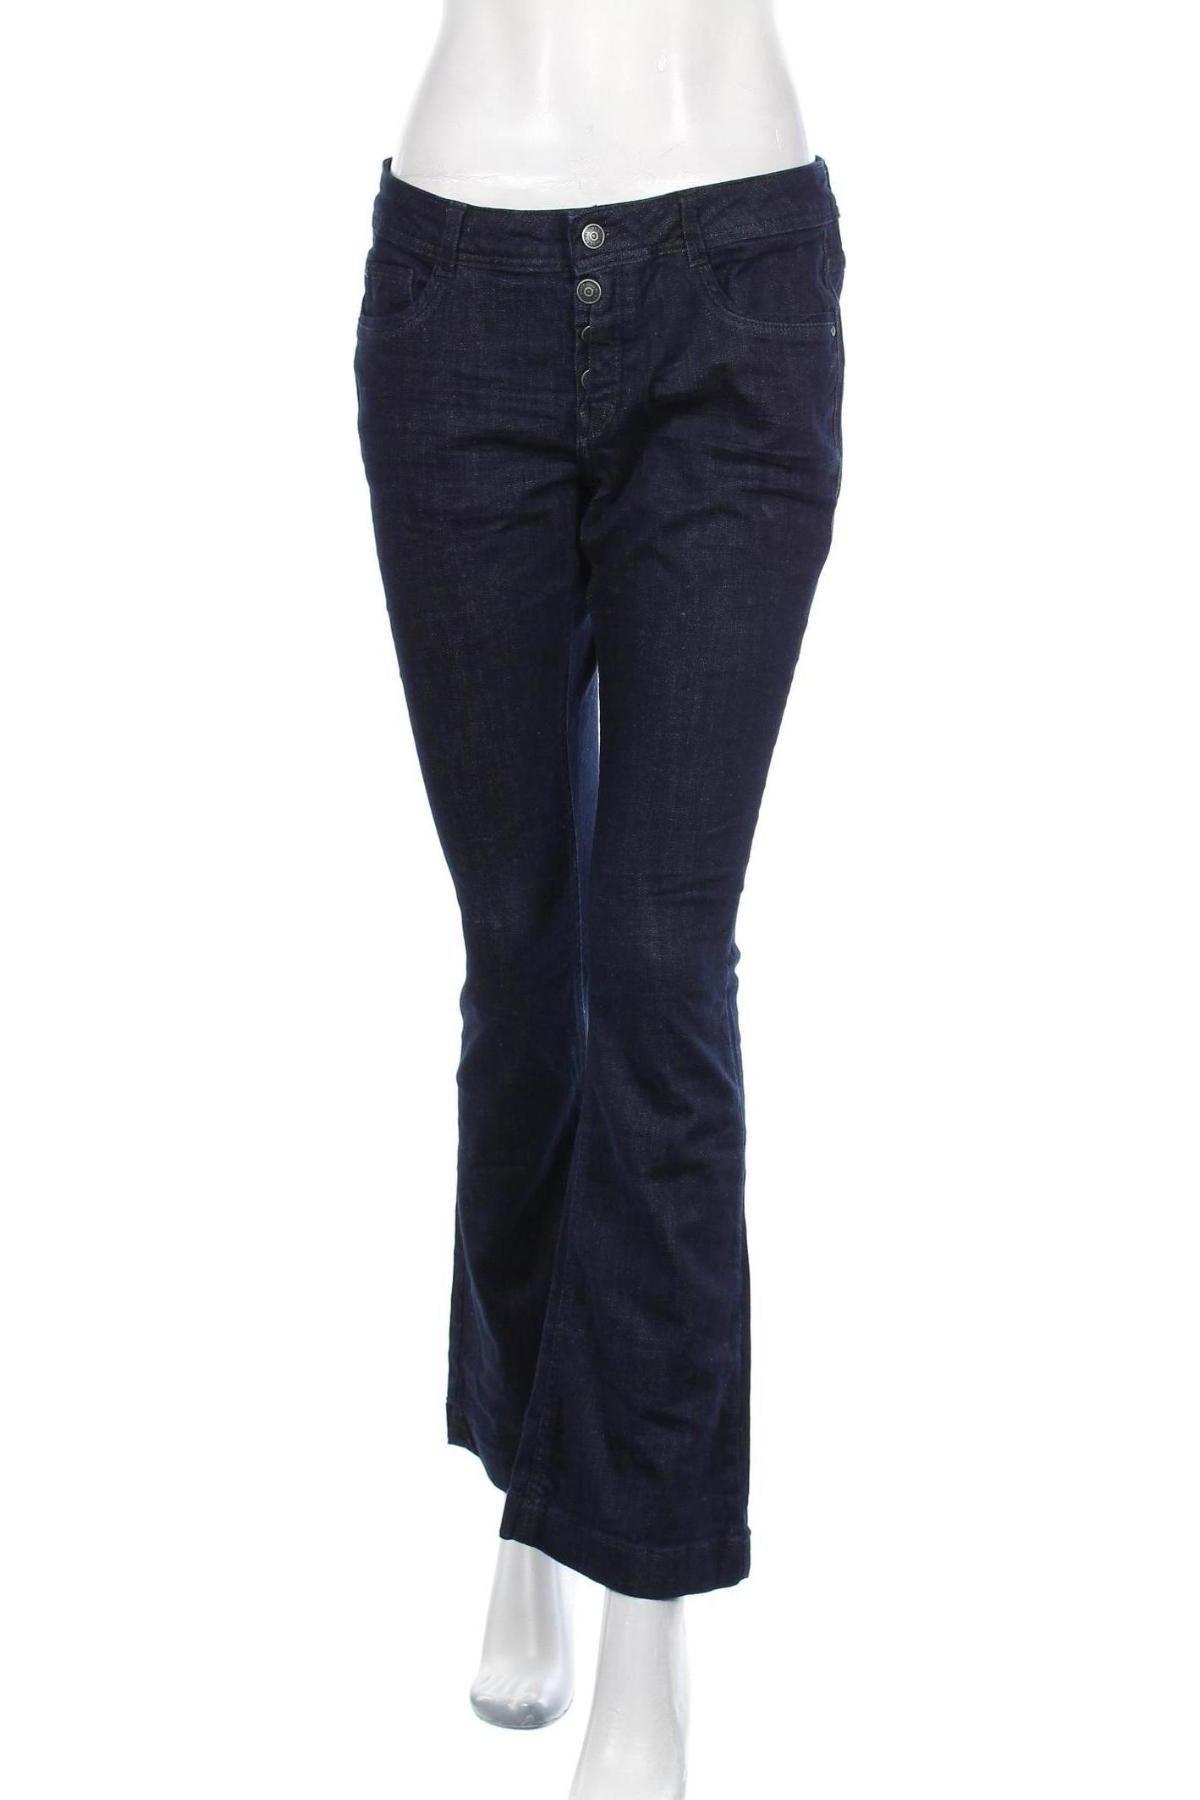 Дамски дънки S.Oliver, Размер M, Цвят Син, 98% памук, 2% еластан, Цена 19,32лв.